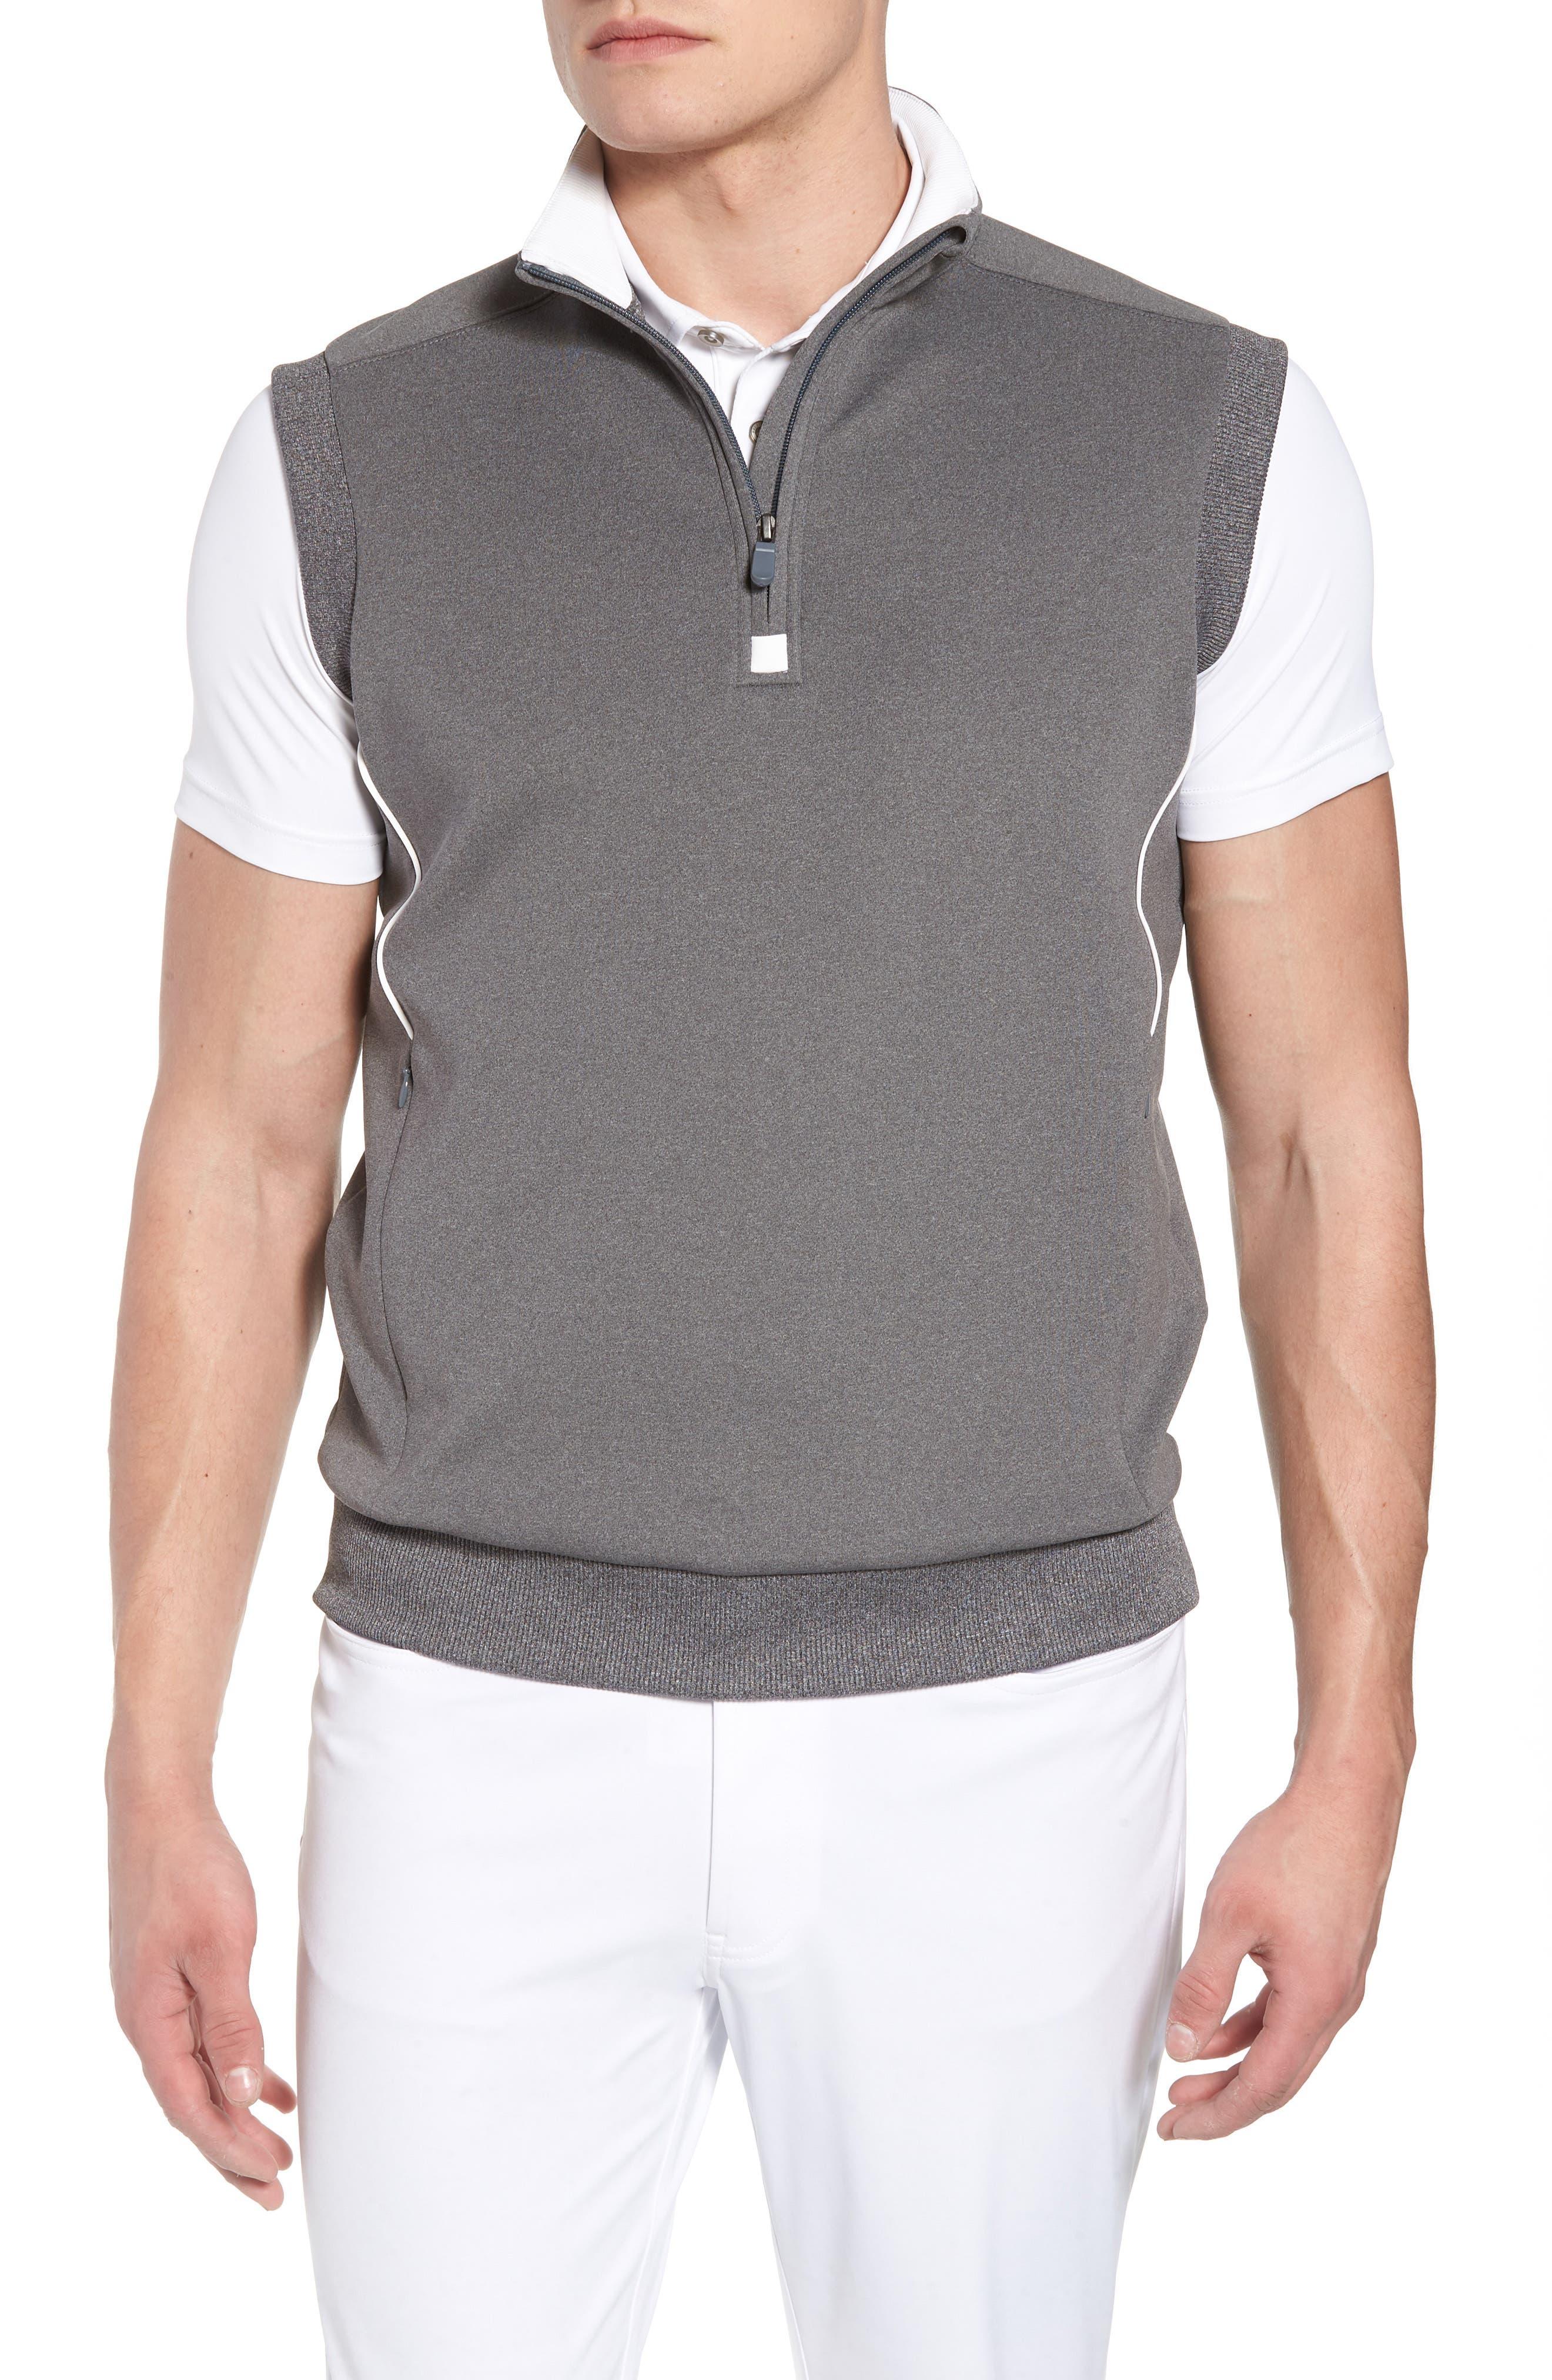 Quarter Zip Tech Vest,                             Main thumbnail 1, color,                             GRAPHITE HEATHER